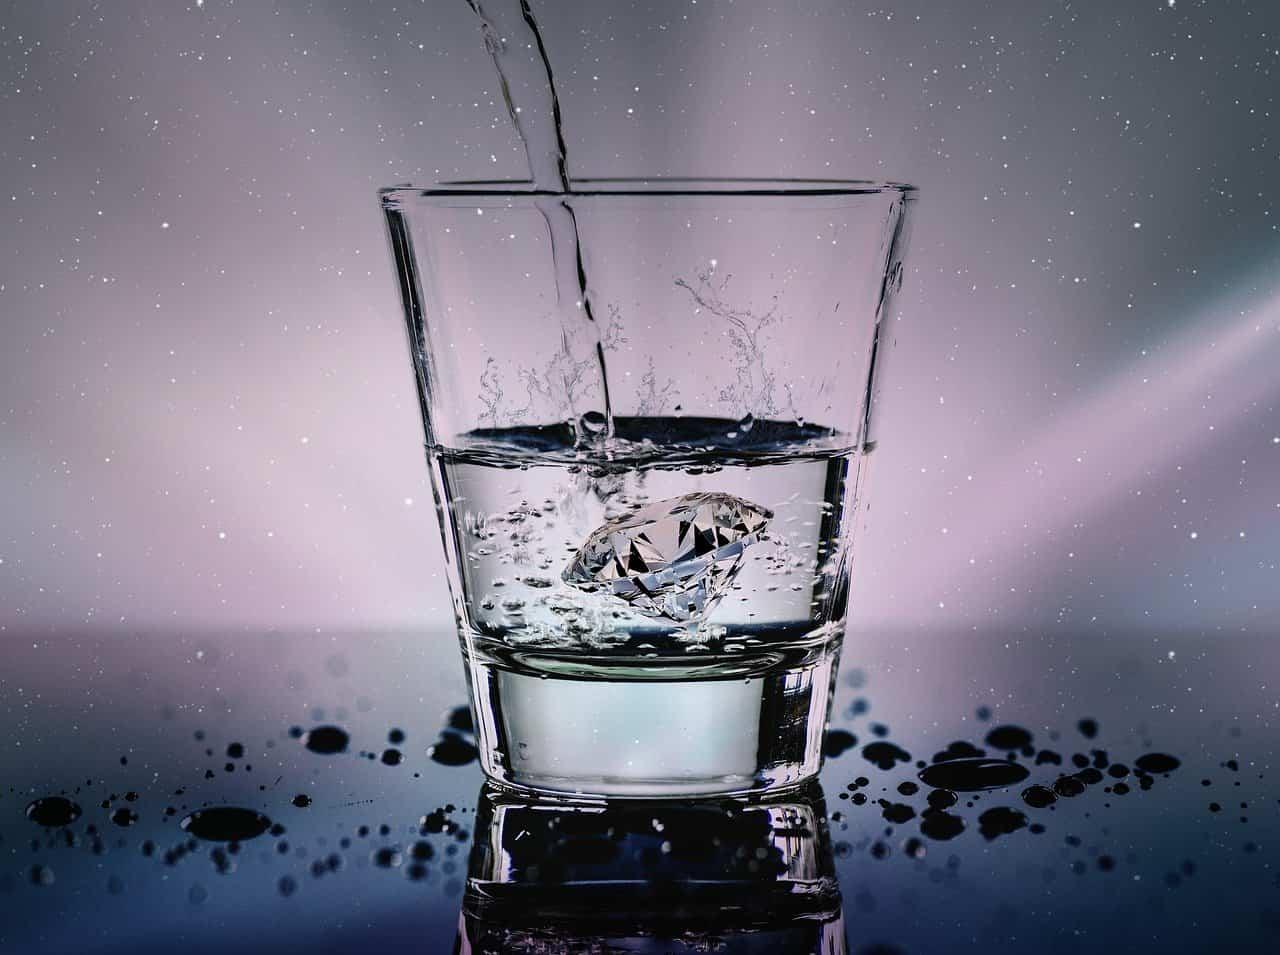 acqua frizzante prima di dormire